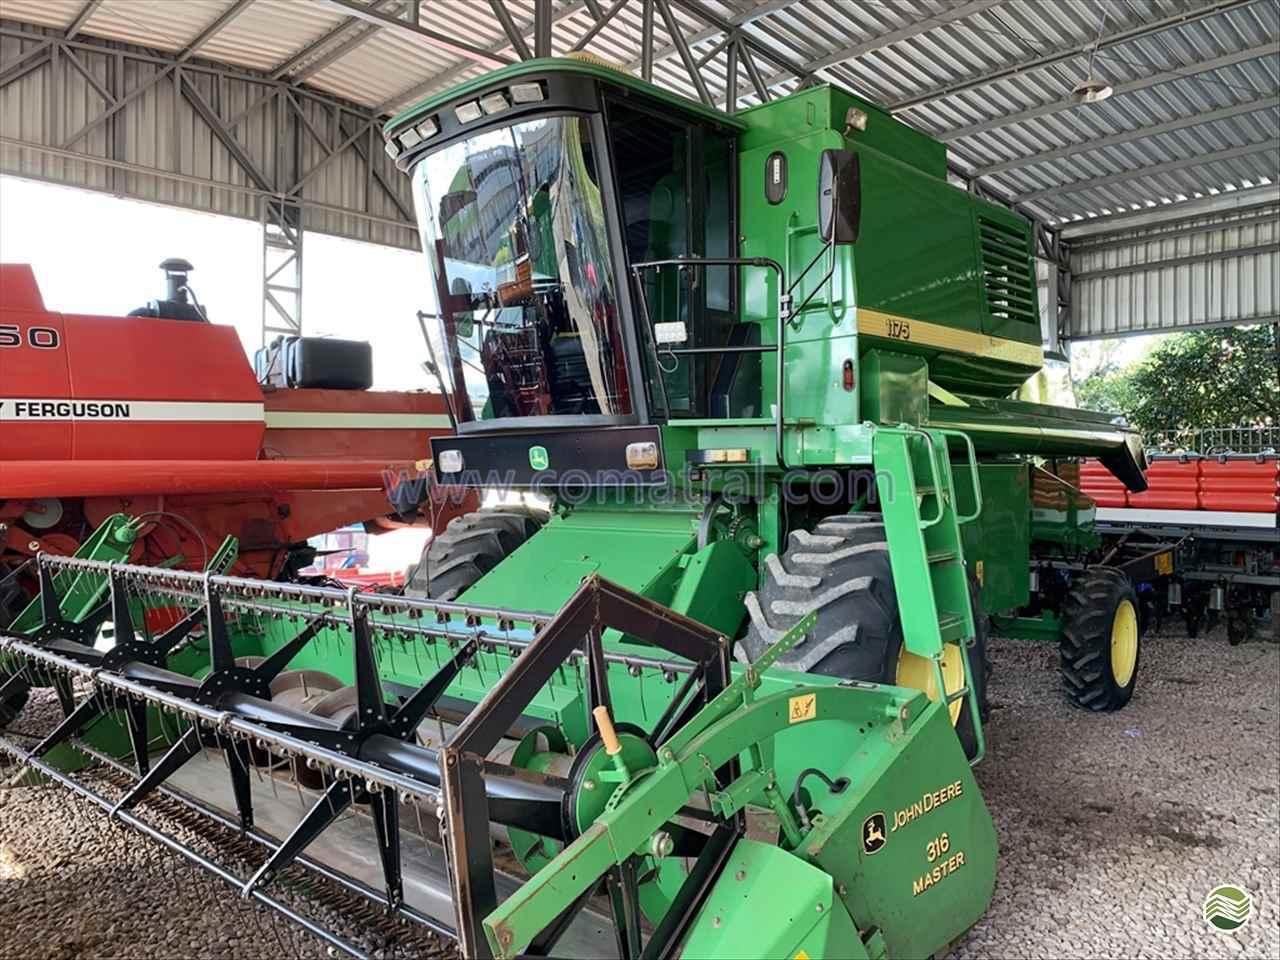 COLHEITADEIRA JOHN DEERE JOHN DEERE 1175 Comatral Caminhões e Máquinas Agrícolas PANAMBI RIO GRANDE DO SUL RS